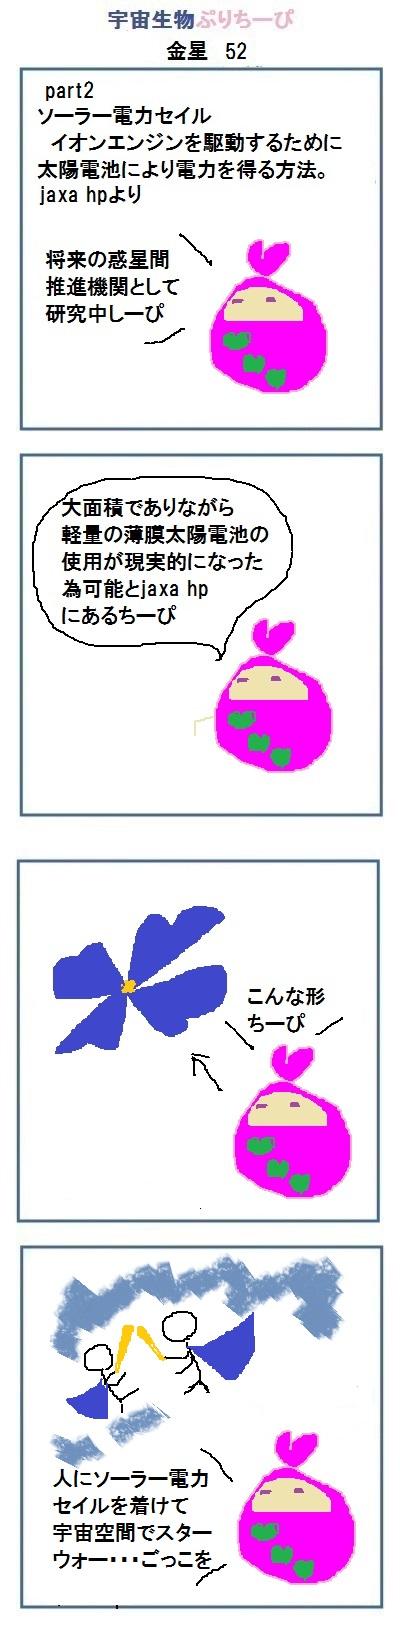 160725金星52